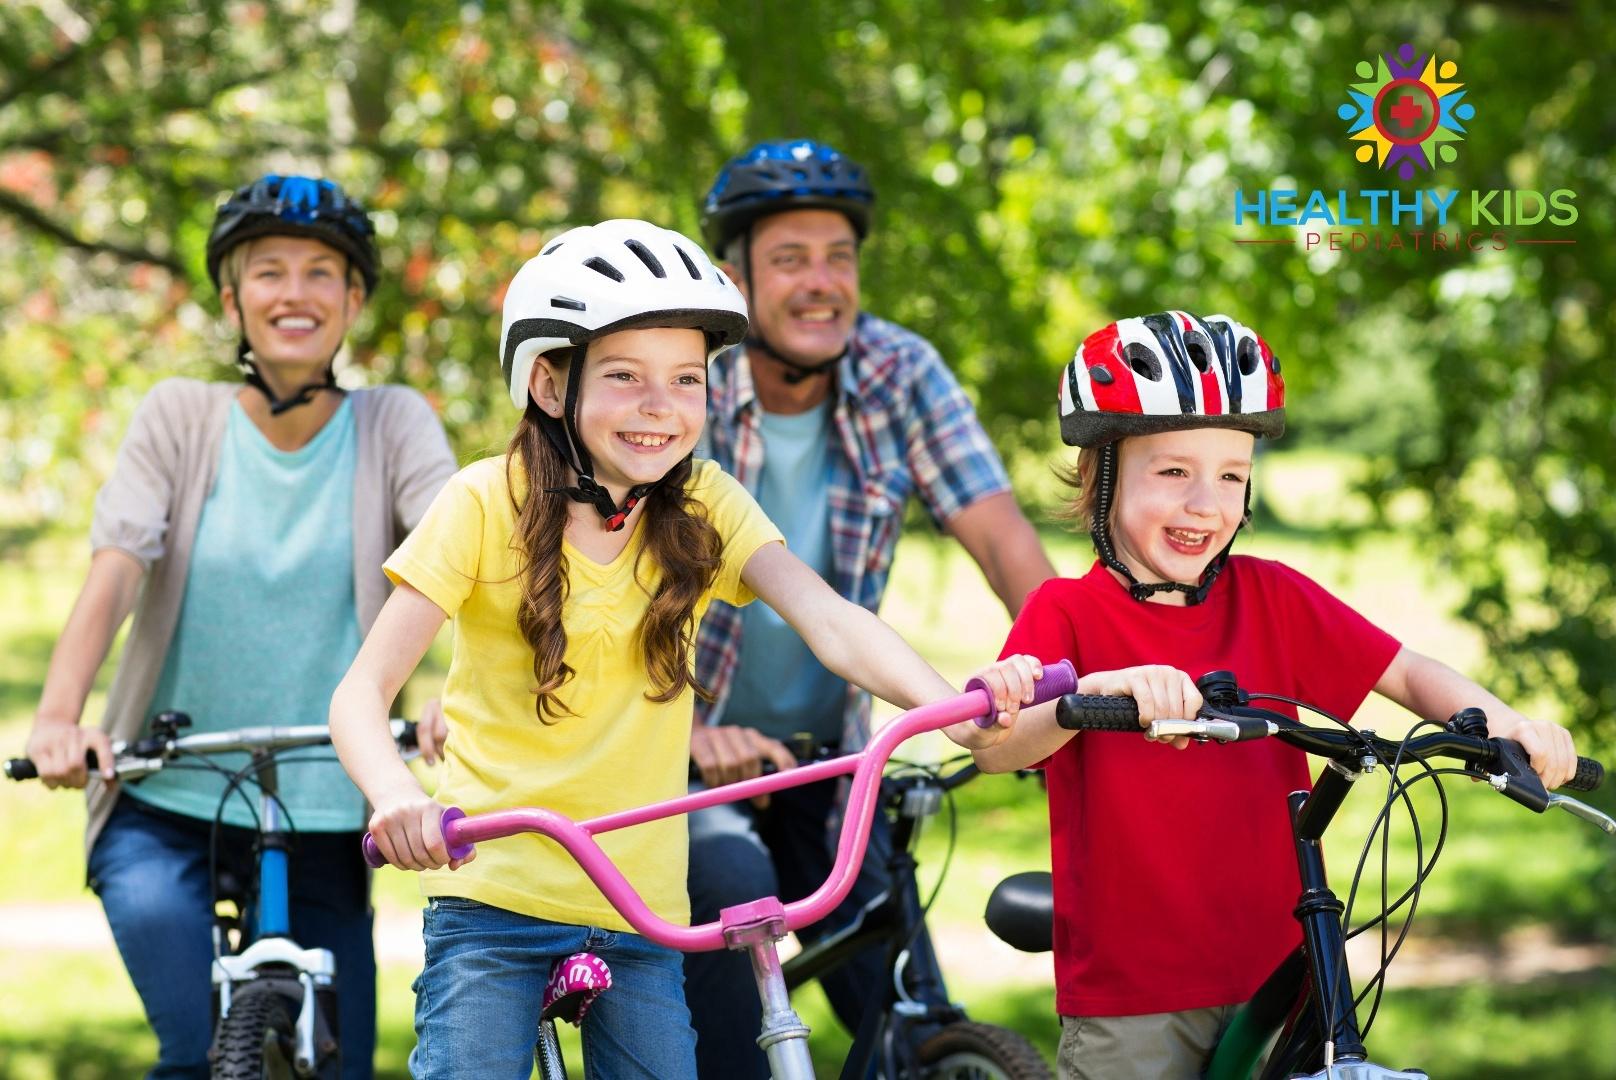 Marcello Pedalino, Celebrate Life Book, Healthy Kids Pediatrics,